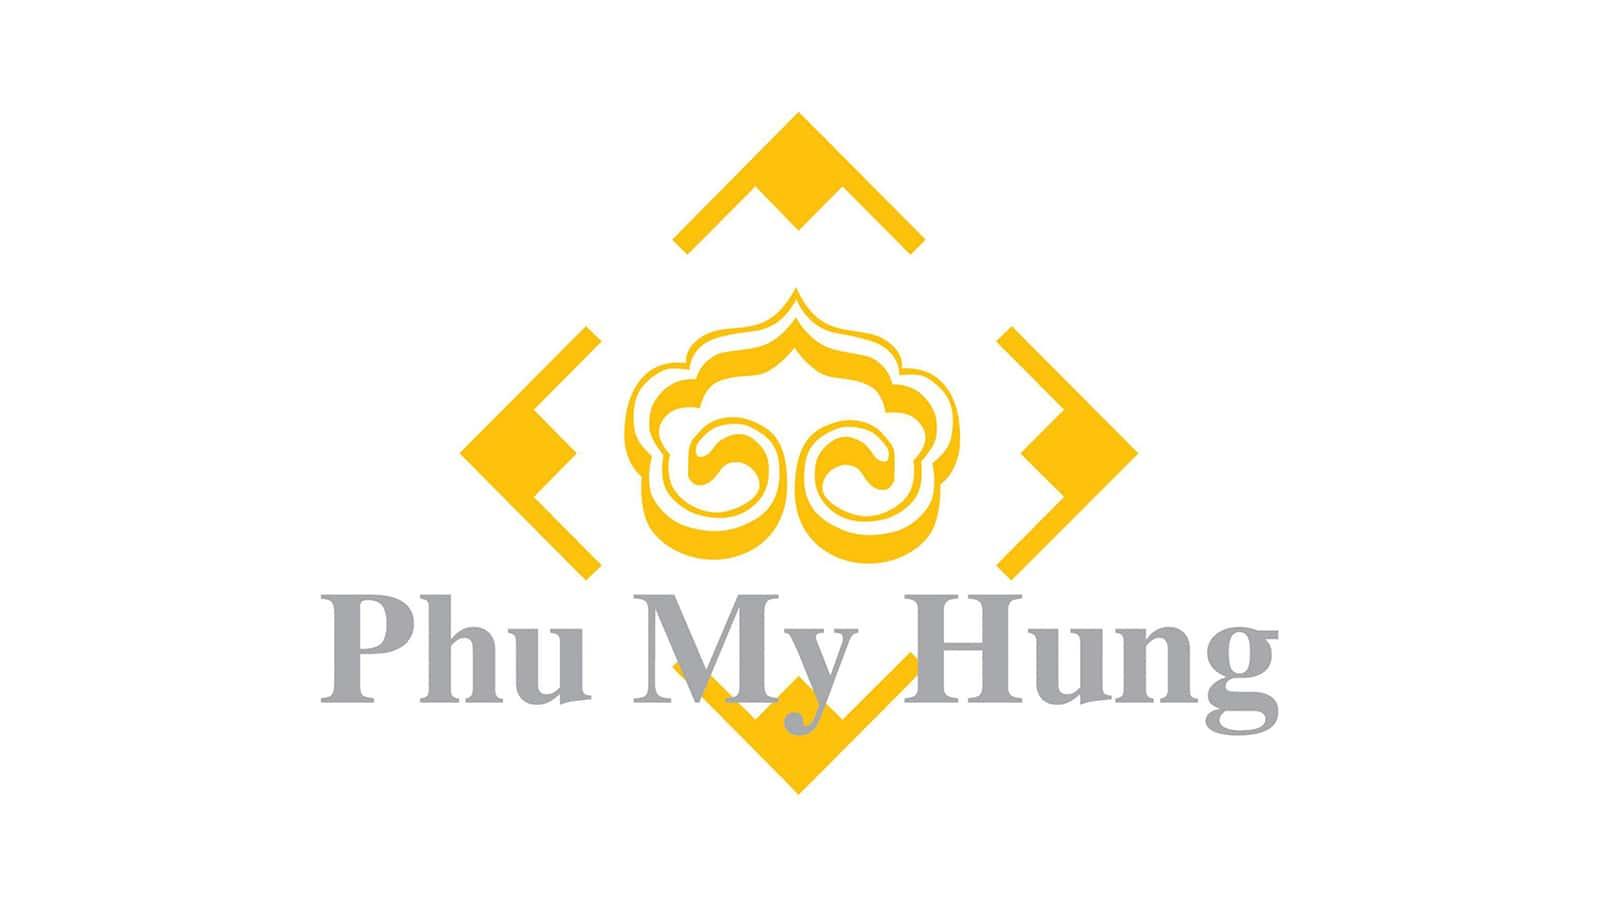 Các dự án của Phú Mỹ Hưng đang được triển khai